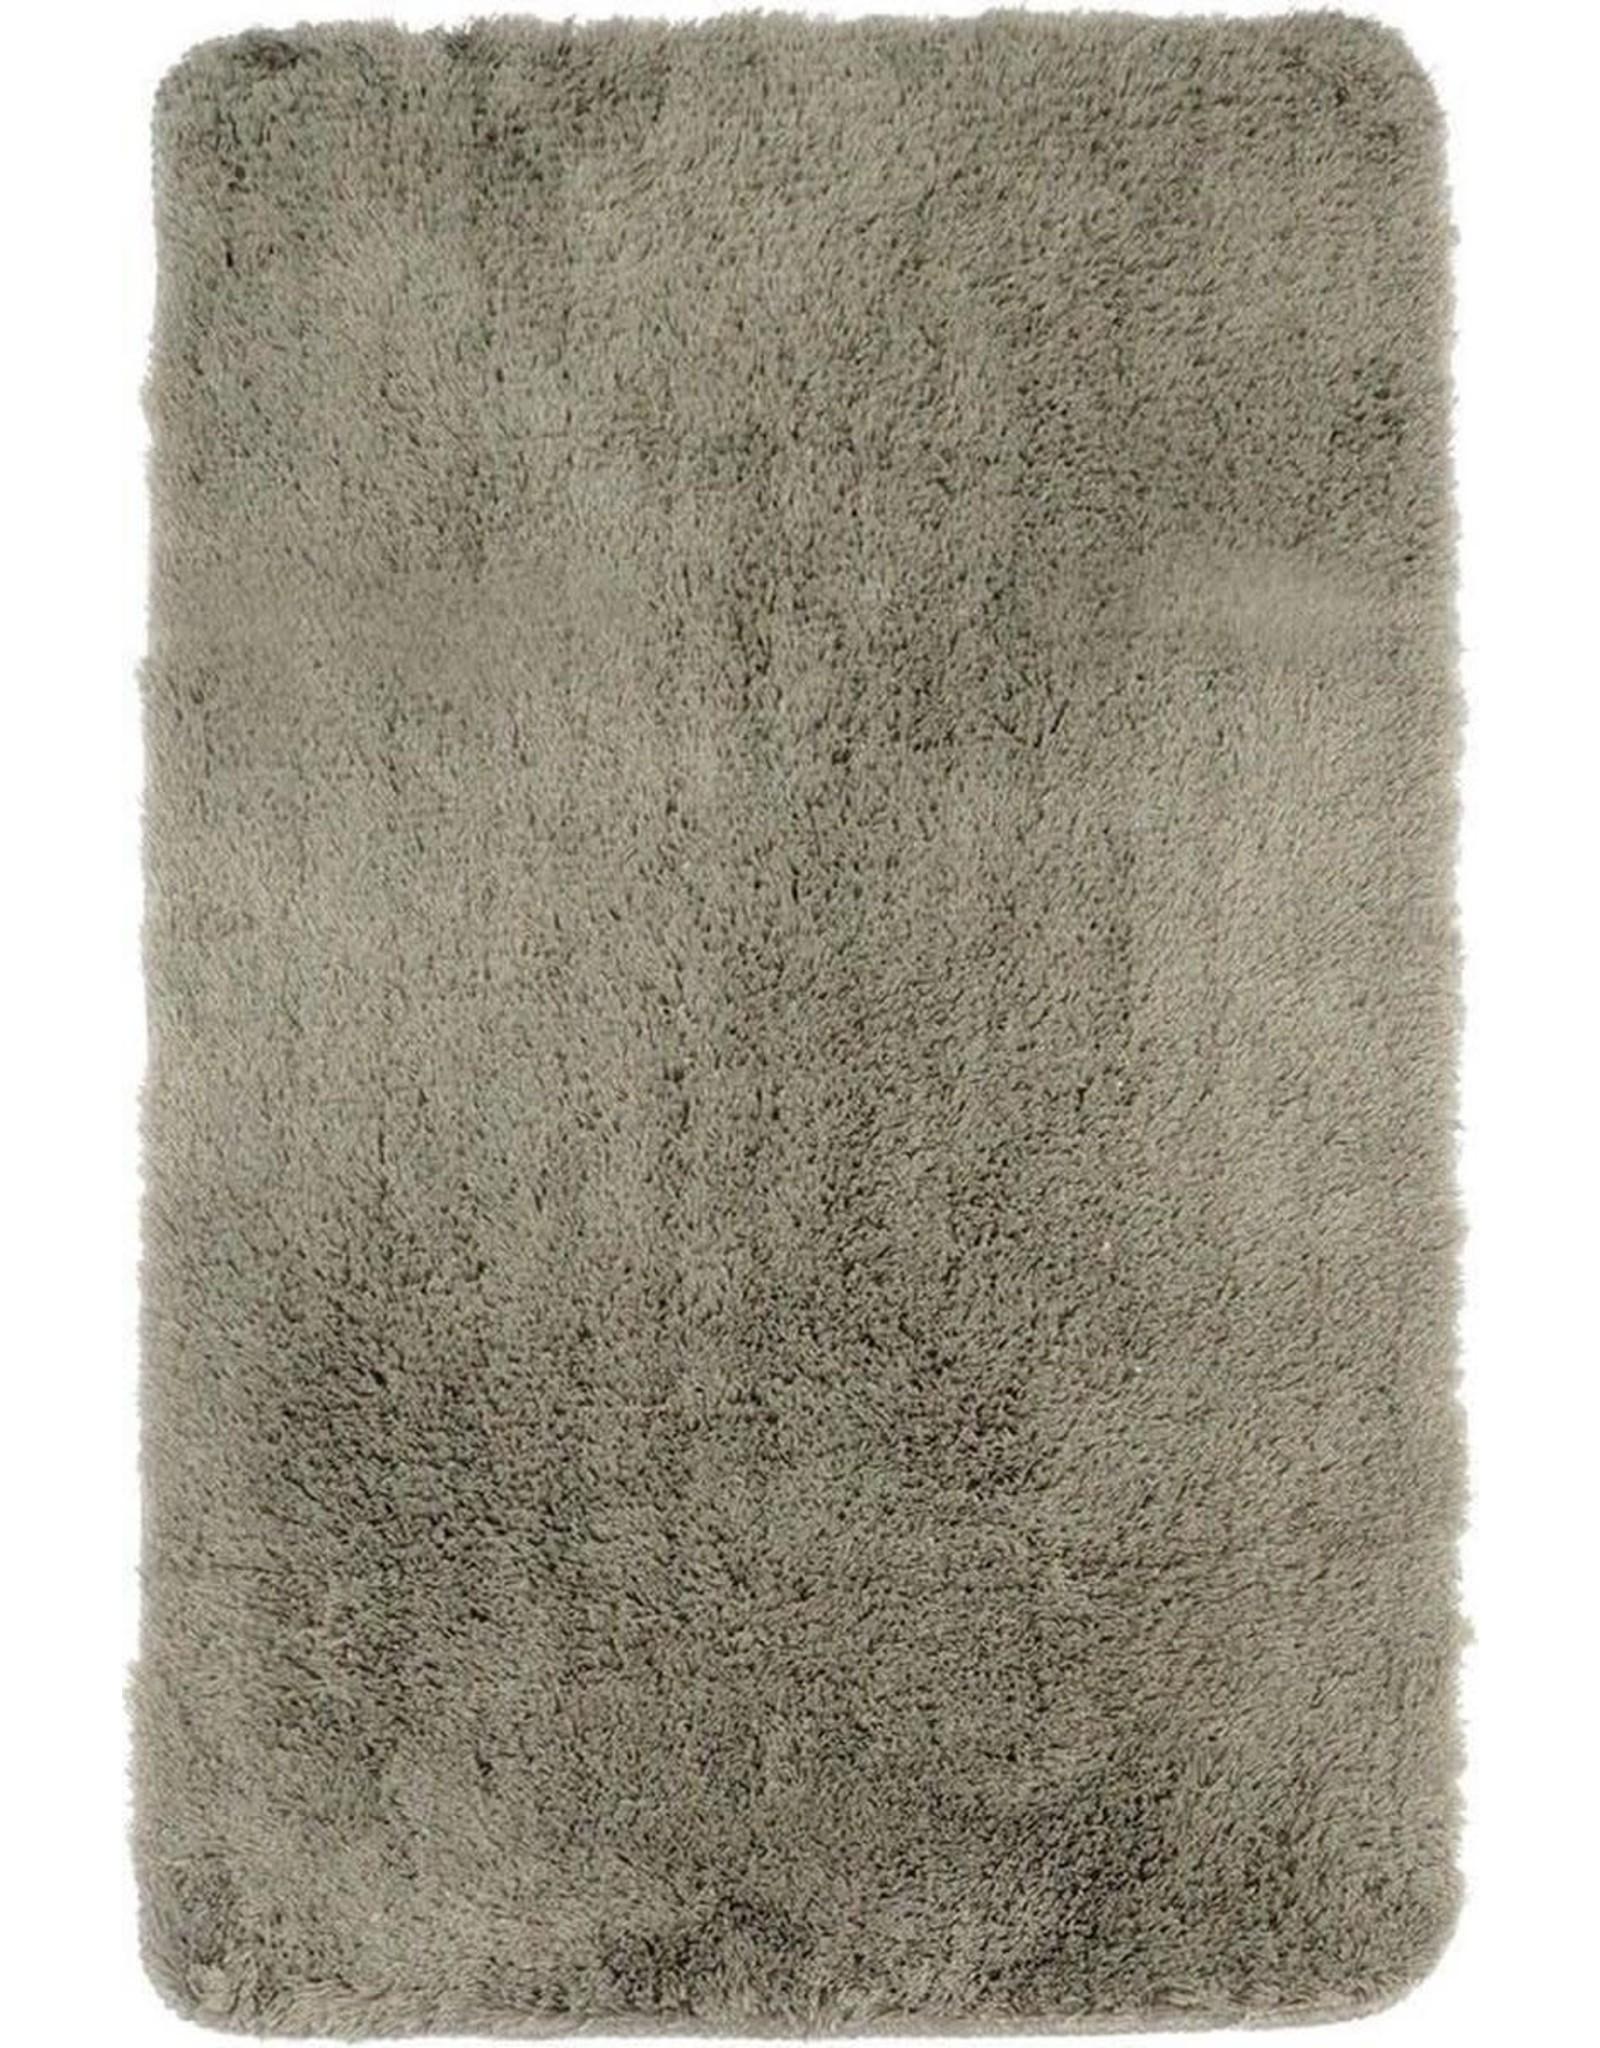 badmat Cote d'Azur grijs 60x90cm